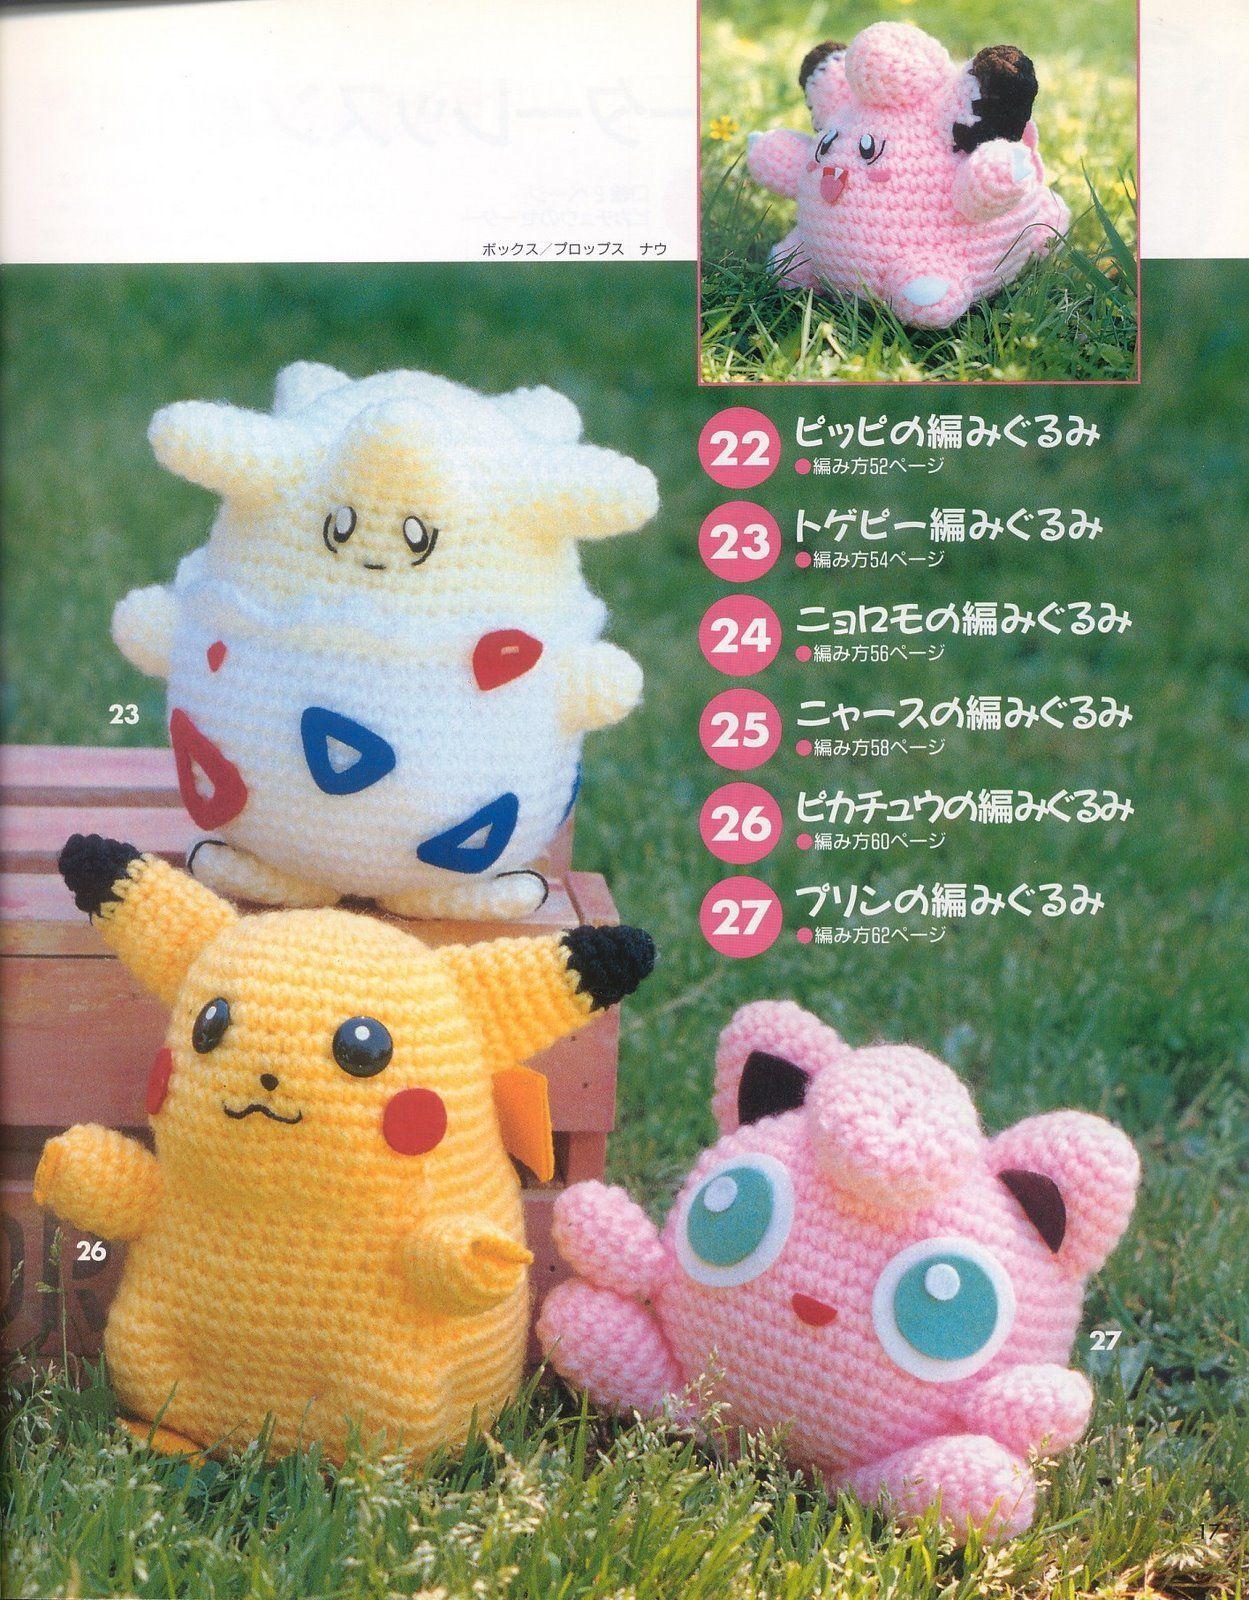 Amigurumi Orca Pattern Free : Munecos amigurumi de la serie Pokemon, yo solo conozco a ...